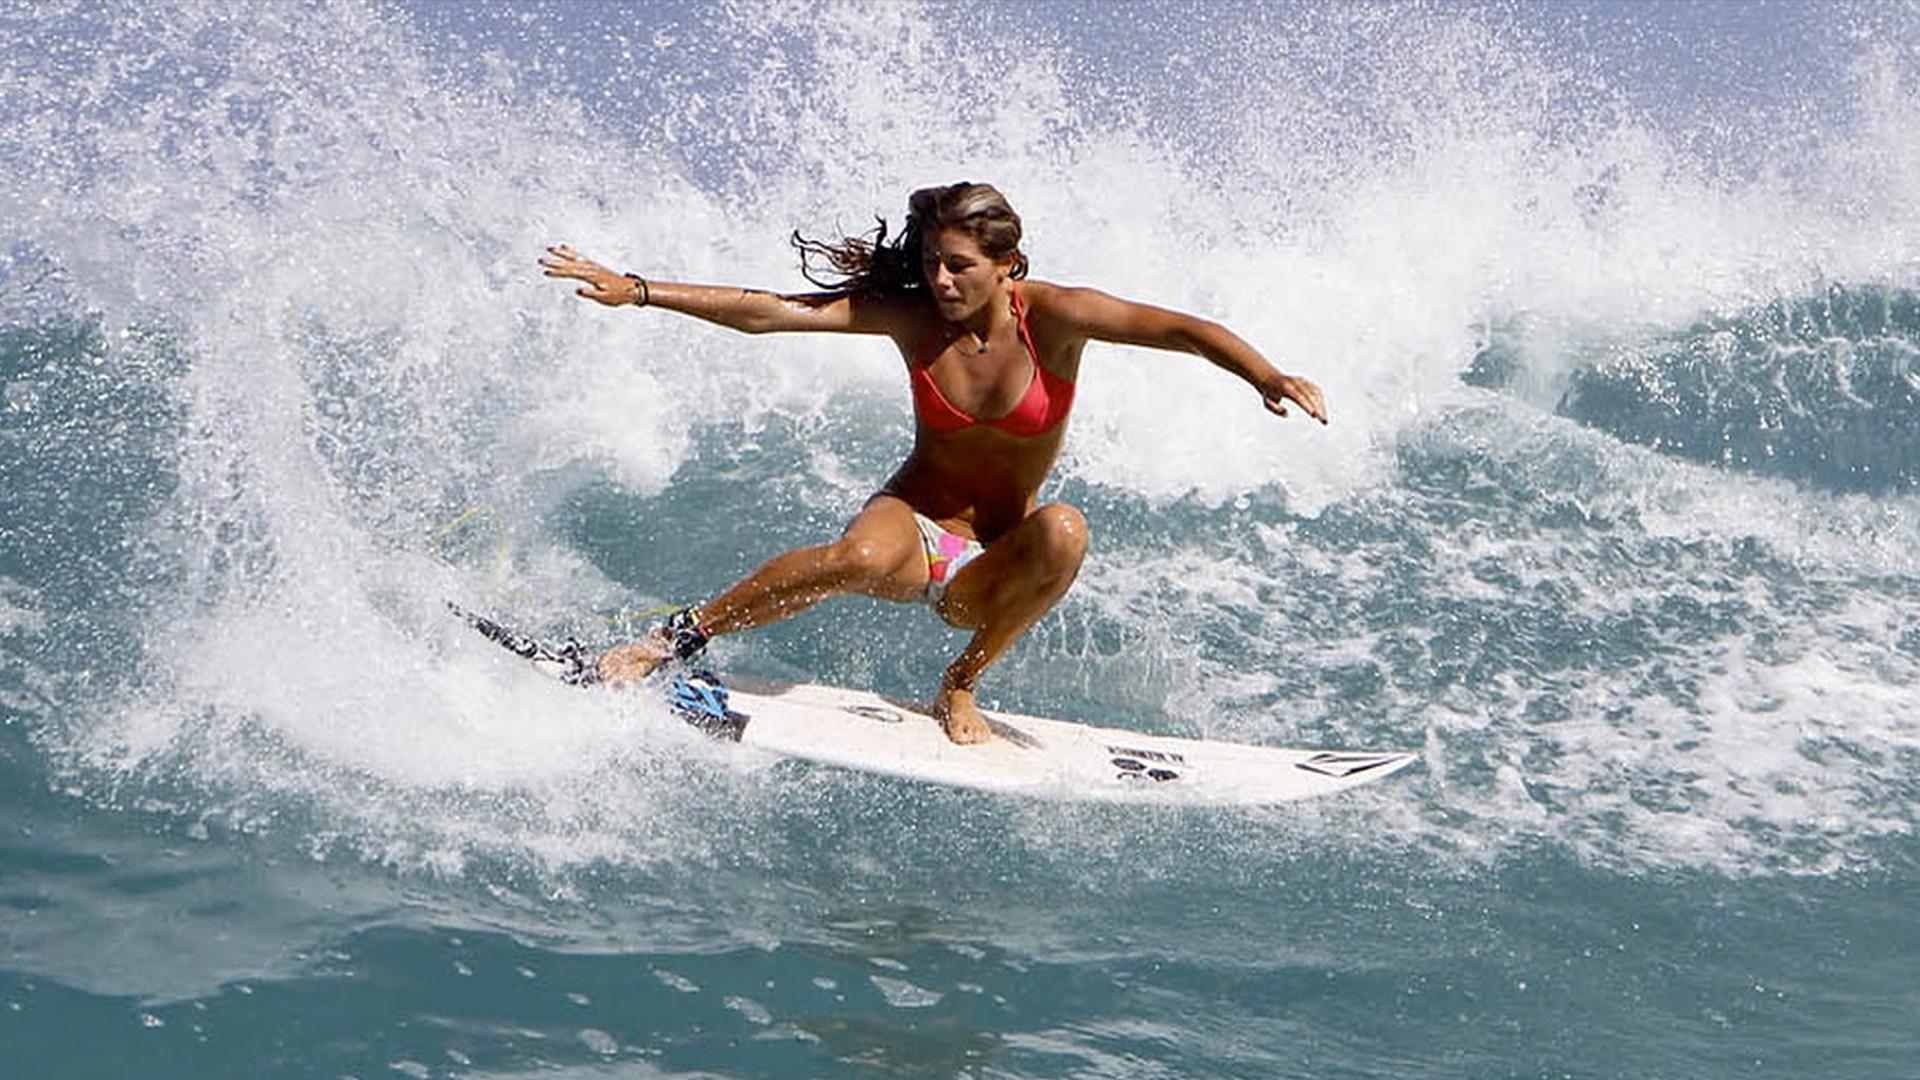 Красотка с доской для серфинга без смс